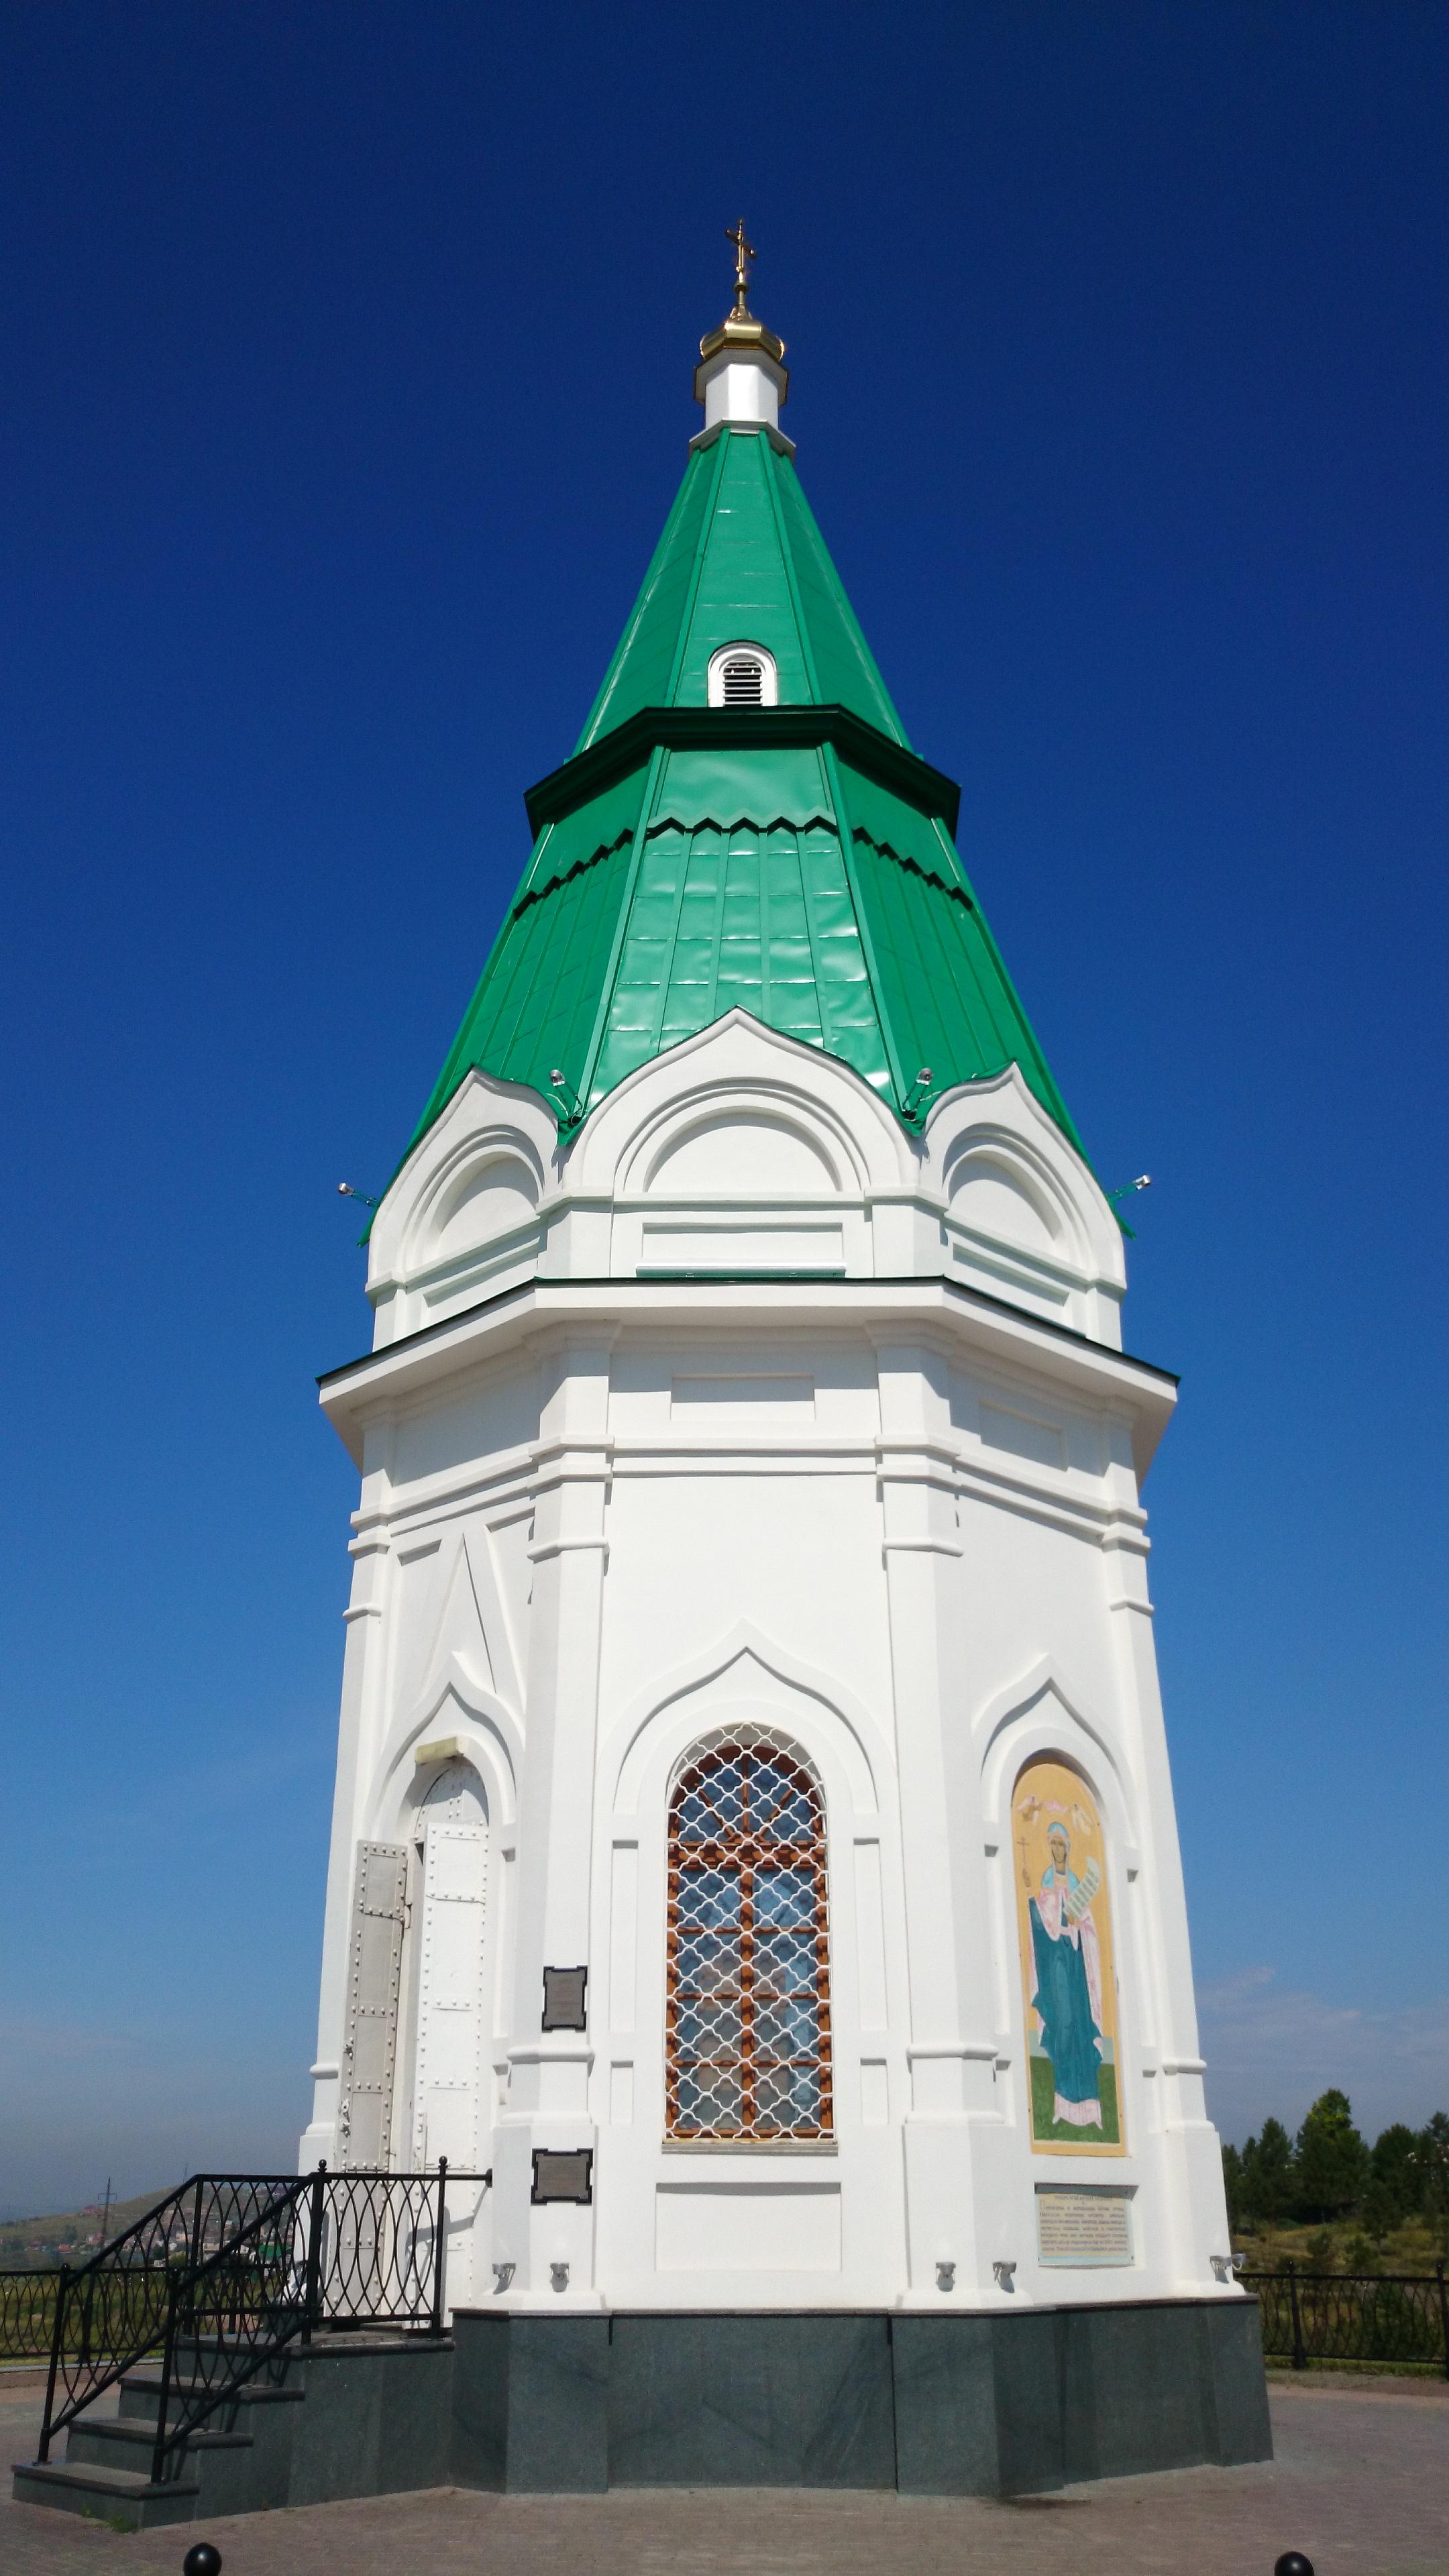 Красноярск Часовня Памятник архитектуры 19-го века. 28.07.2015 года